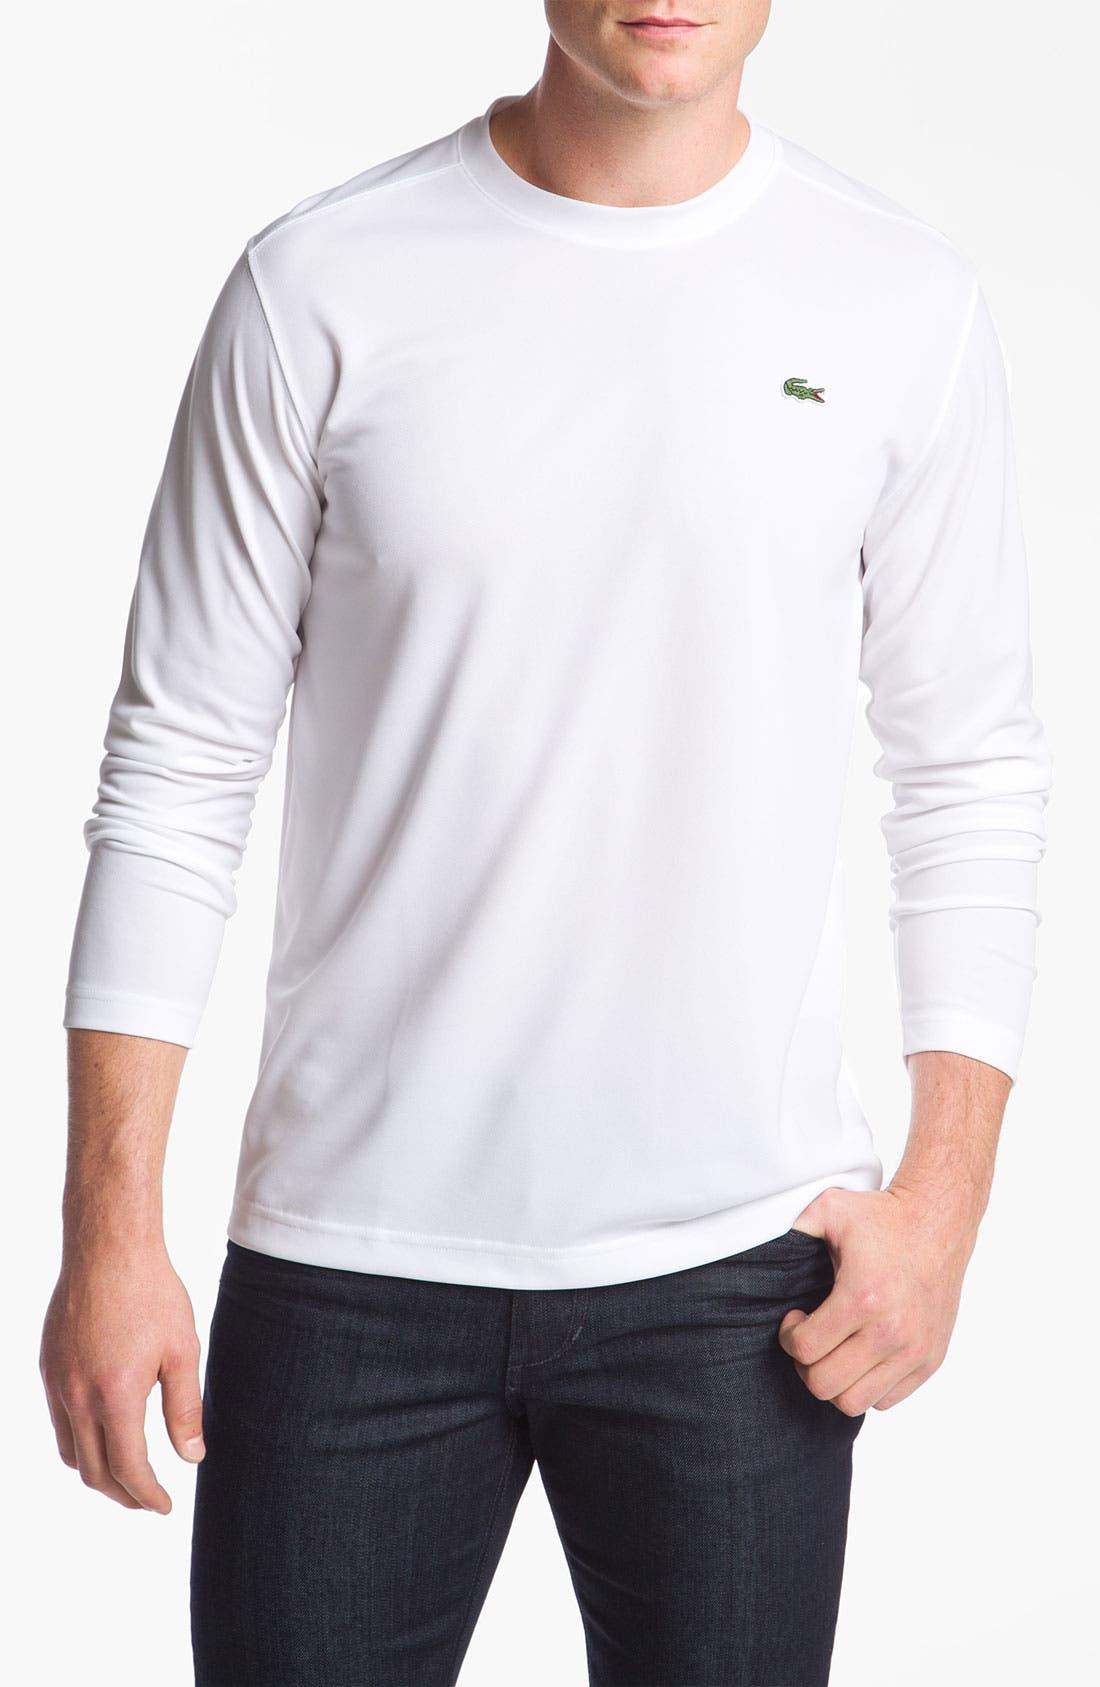 Main Image - Lacoste 'Super Dry' Crewneck T-Shirt